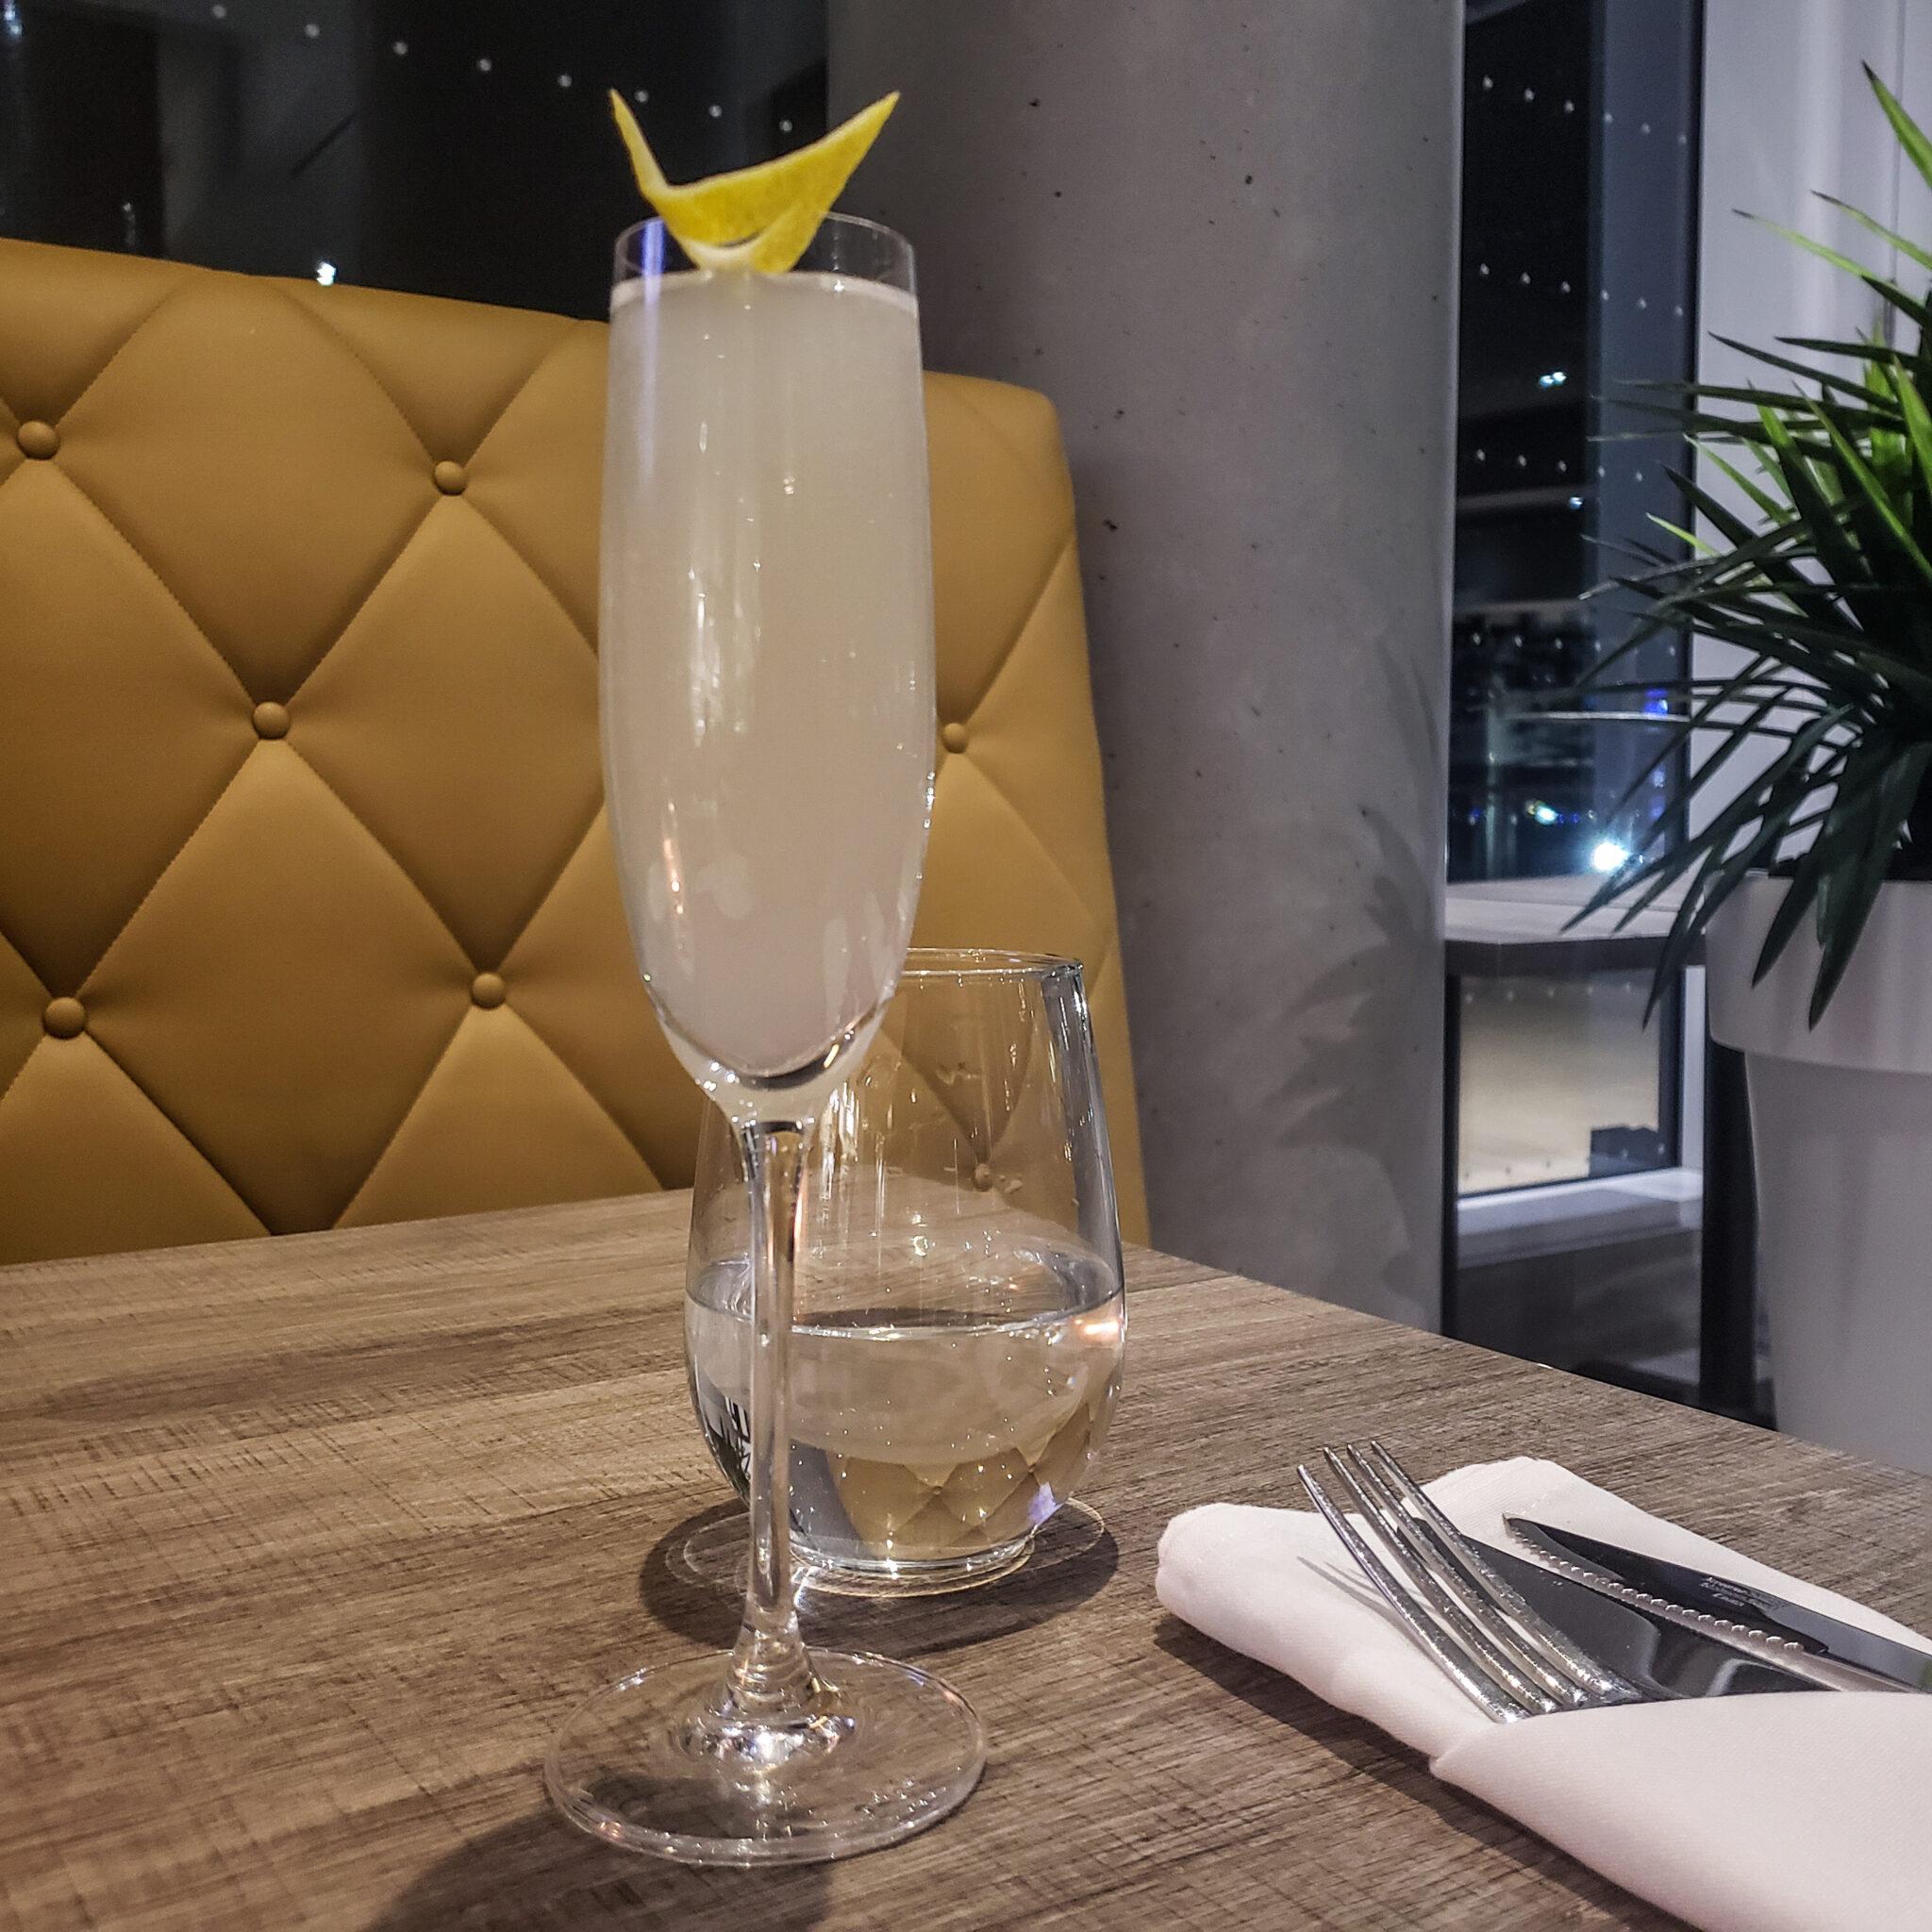 Hotel X Toronto - Luxury Resort - Maxx's Kitchen - Cocktails